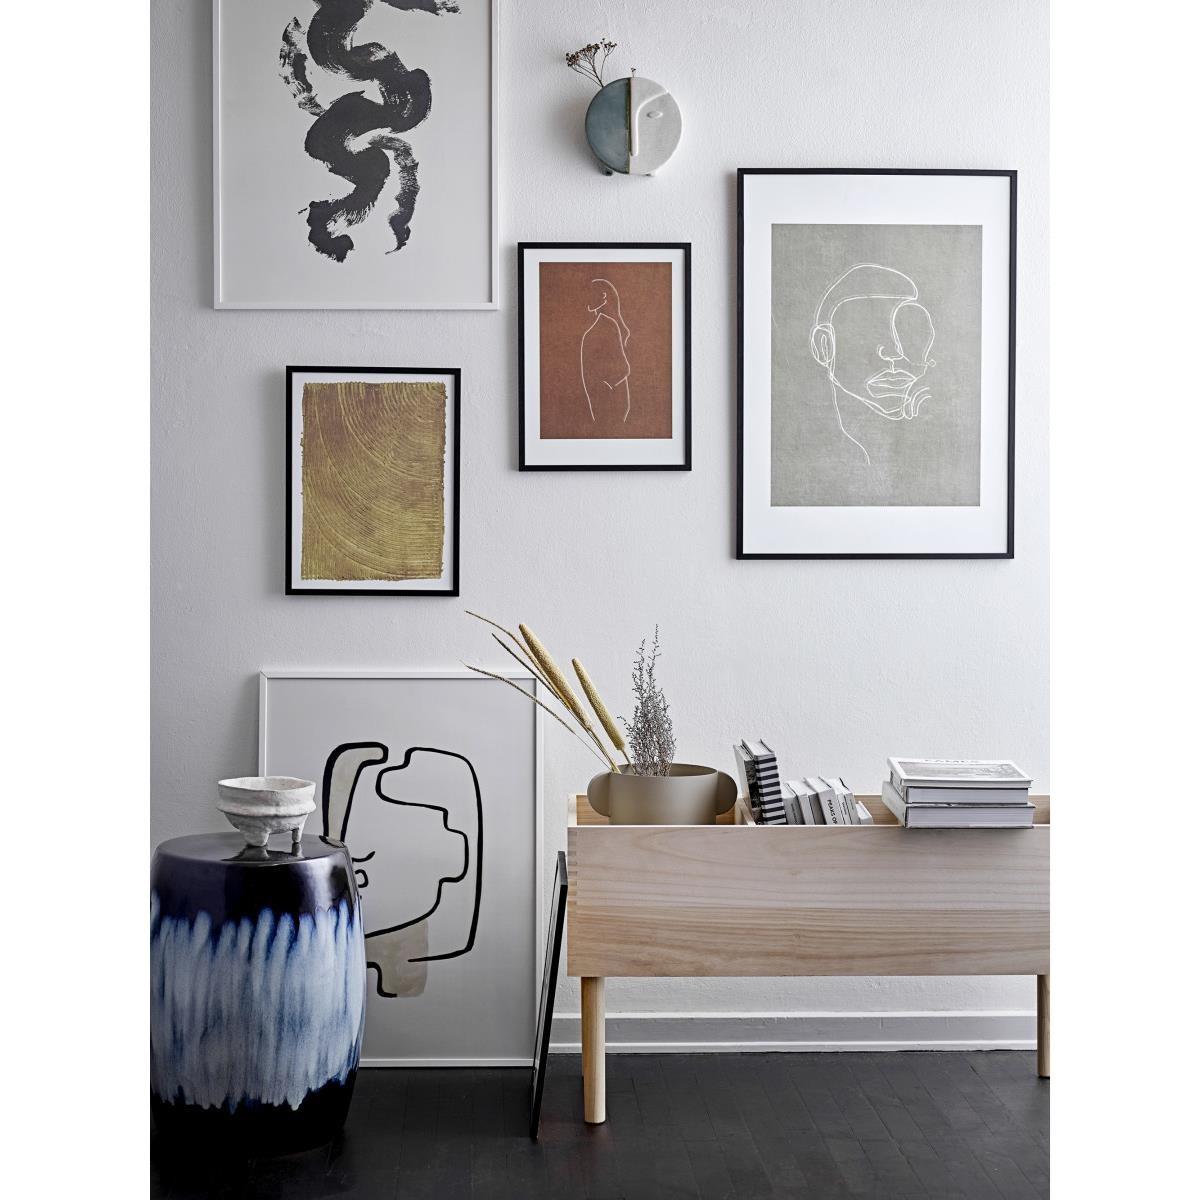 Obraz v černém dřevěném rámu Hake 52x72 cm_1